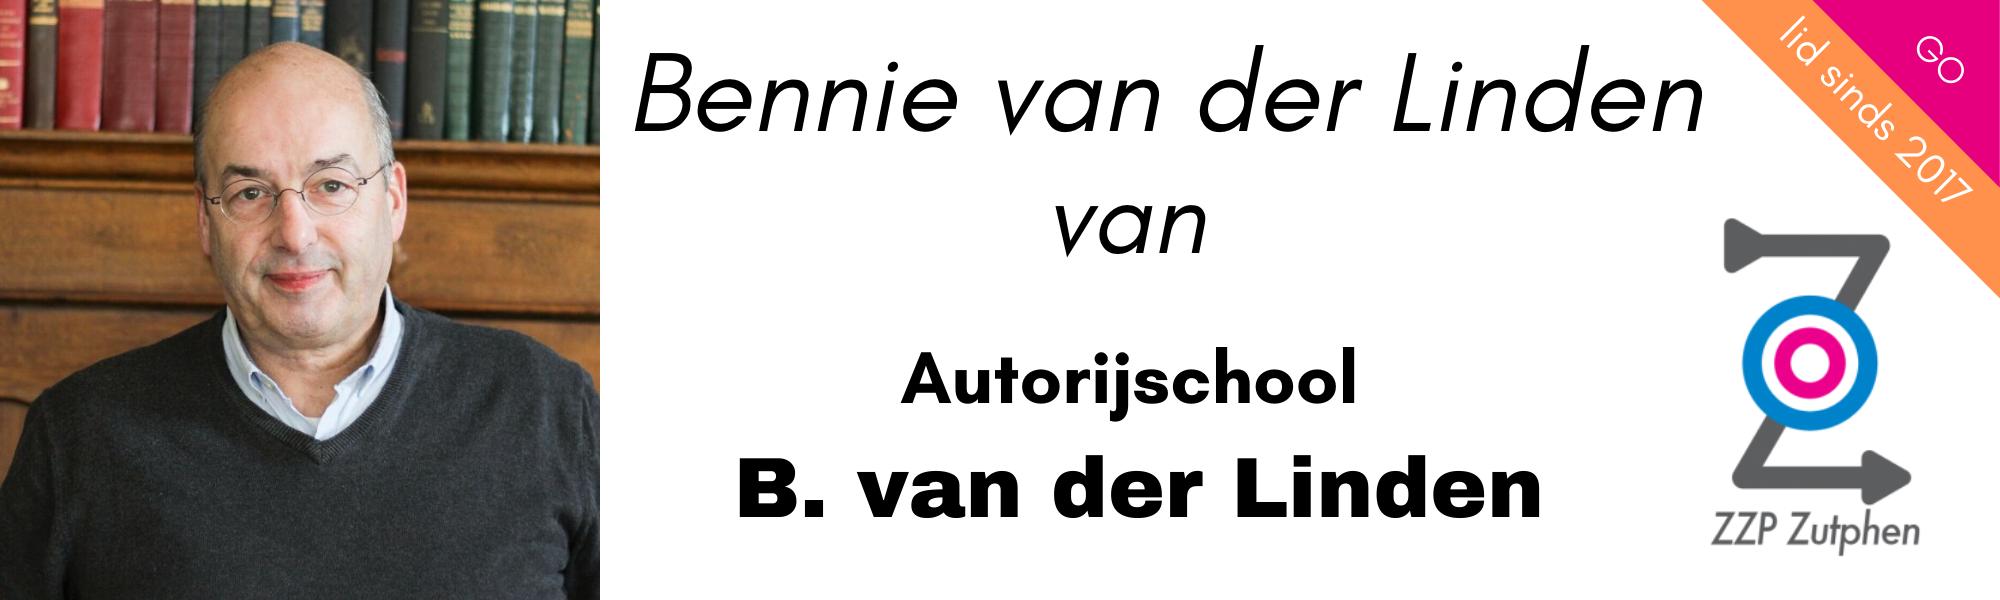 autorijschool-b-van-der-linden-vierakker